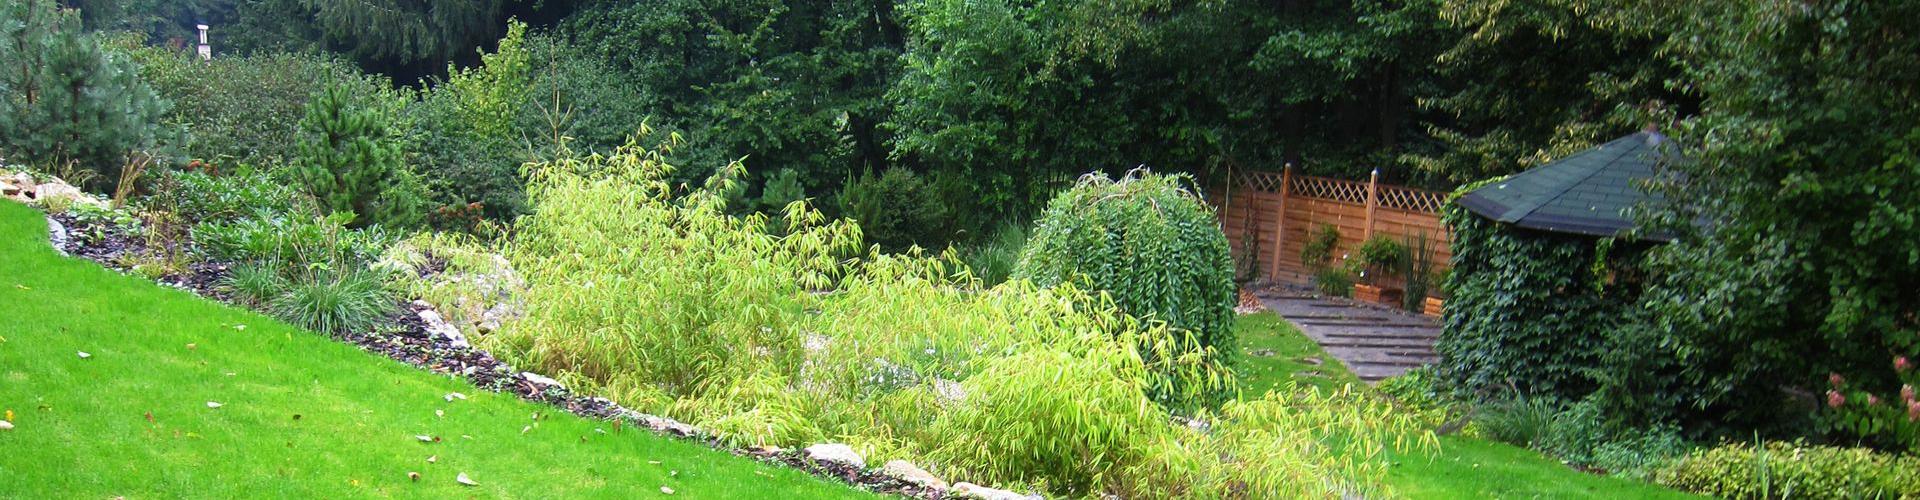 zahrady-1